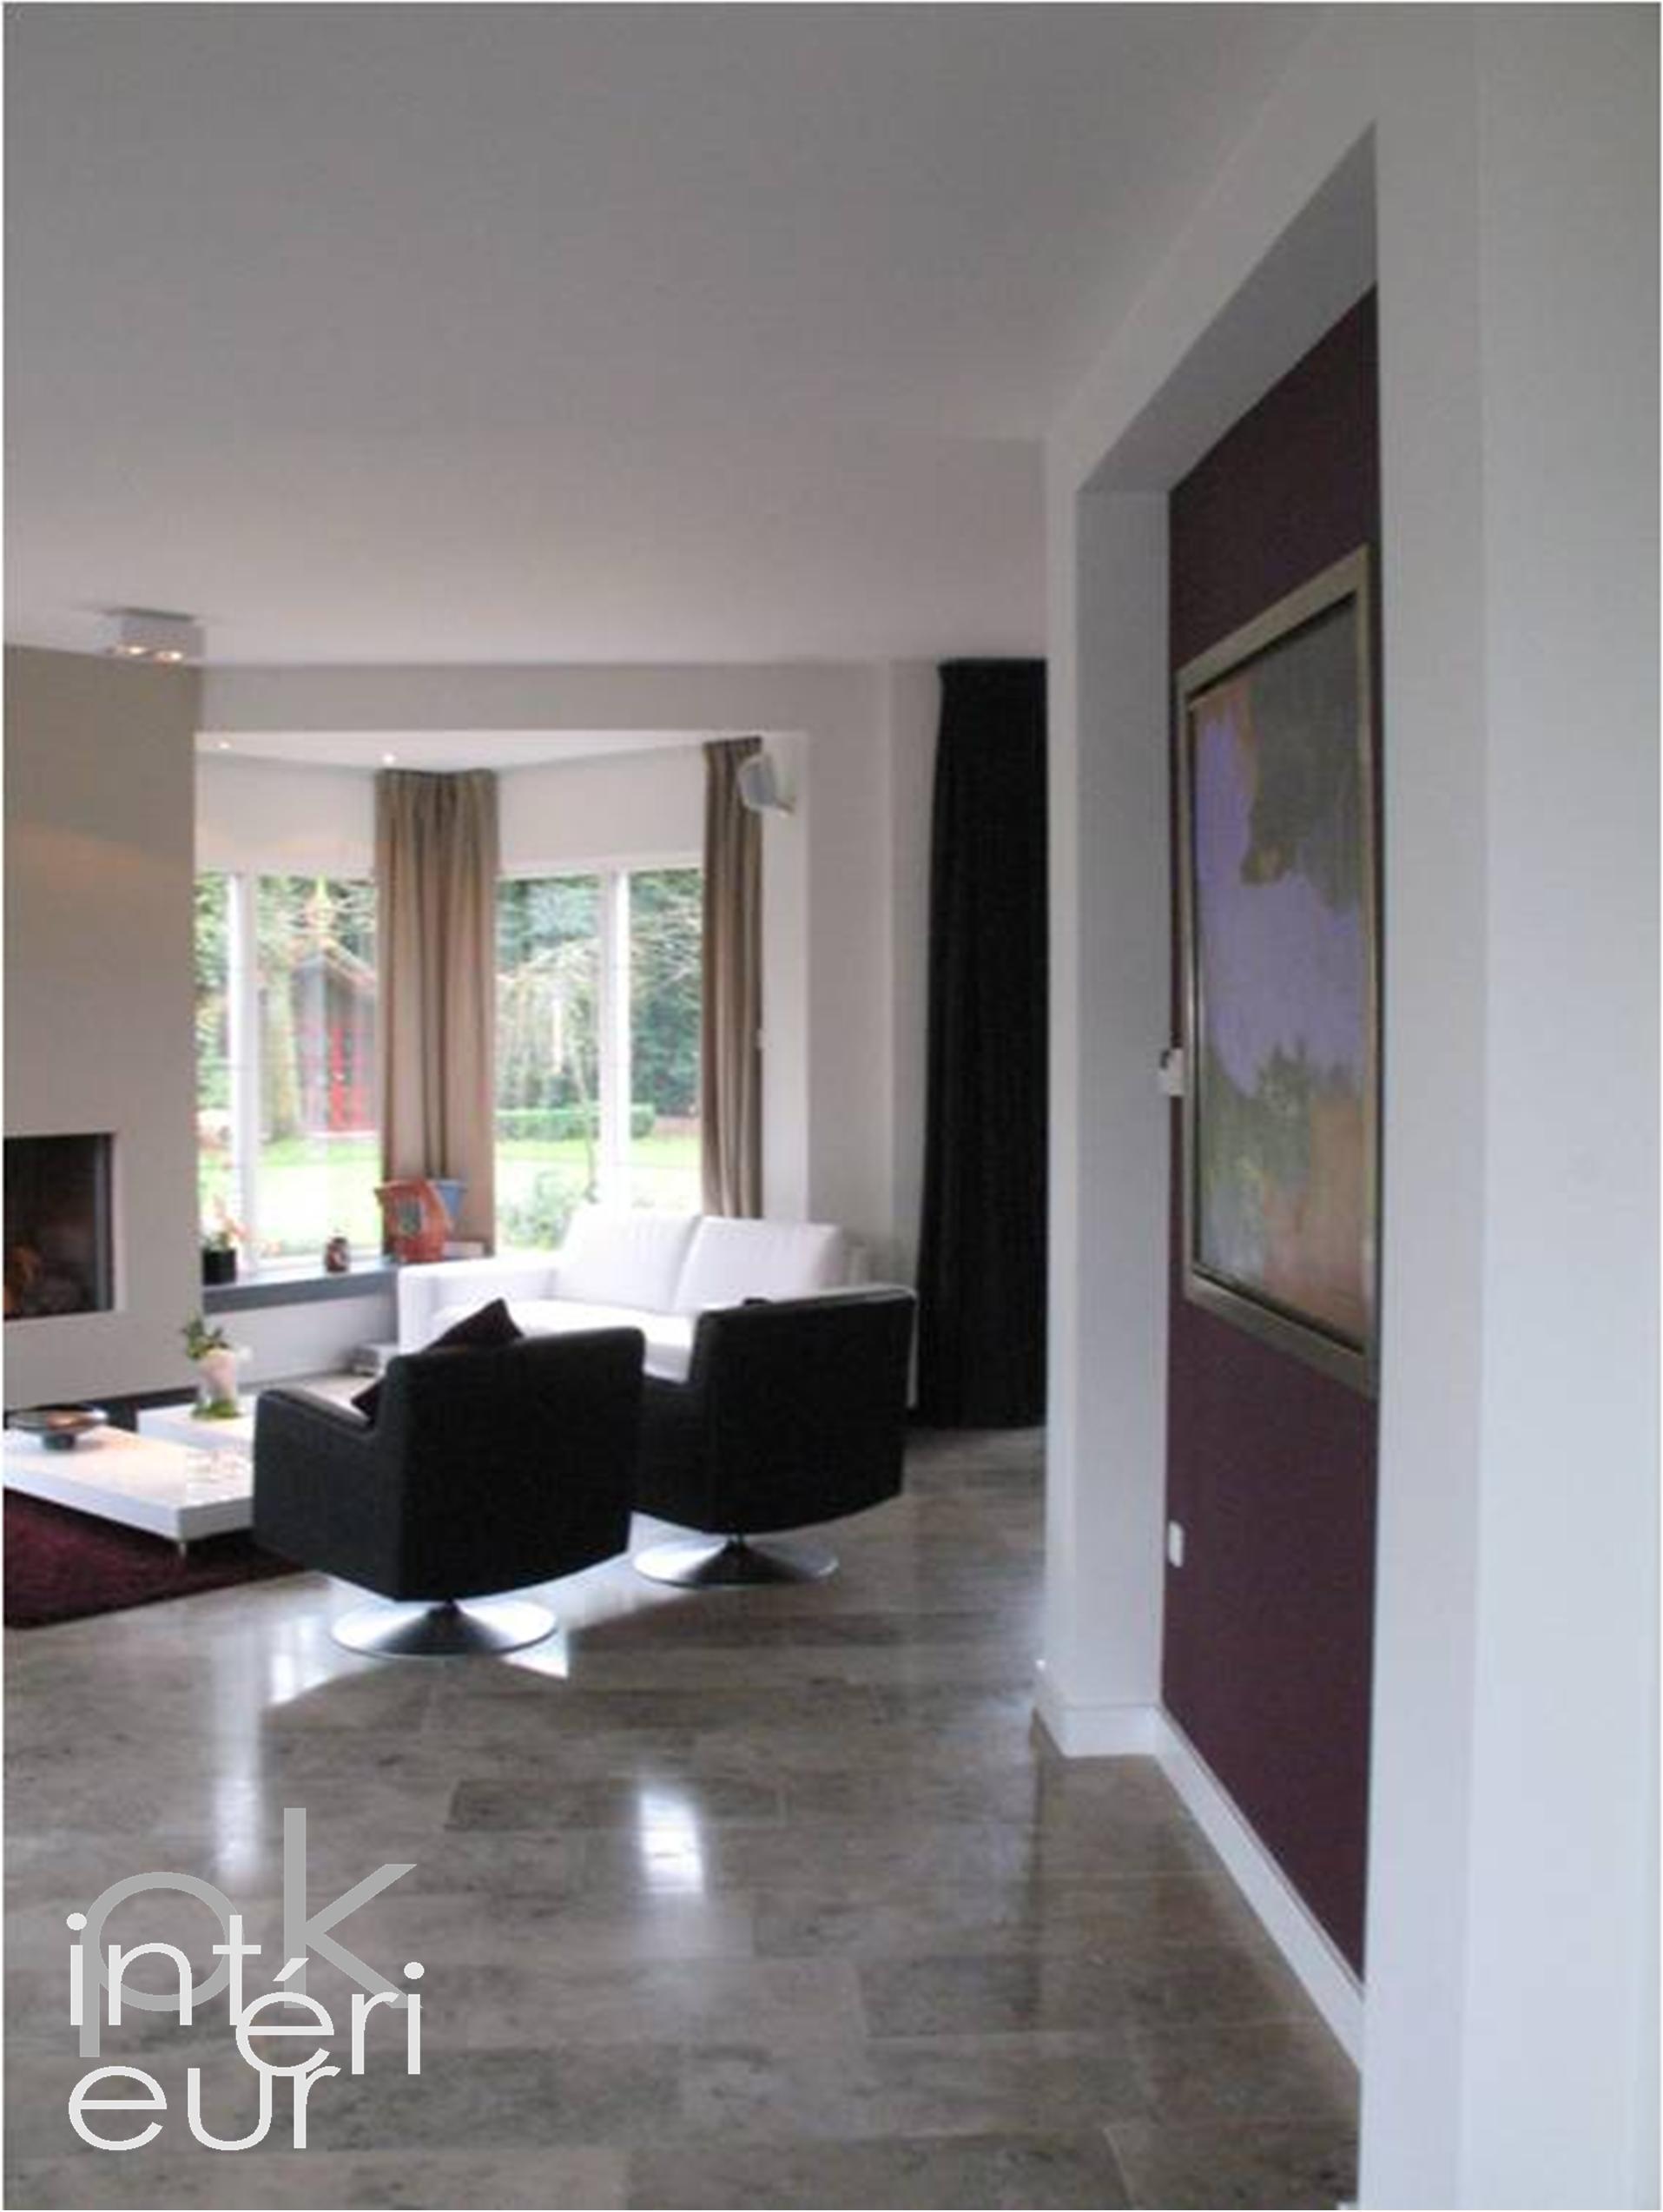 Woonkamer interieur design beste inspiratie voor huis ontwerp - Entree appartement ontwerp ...